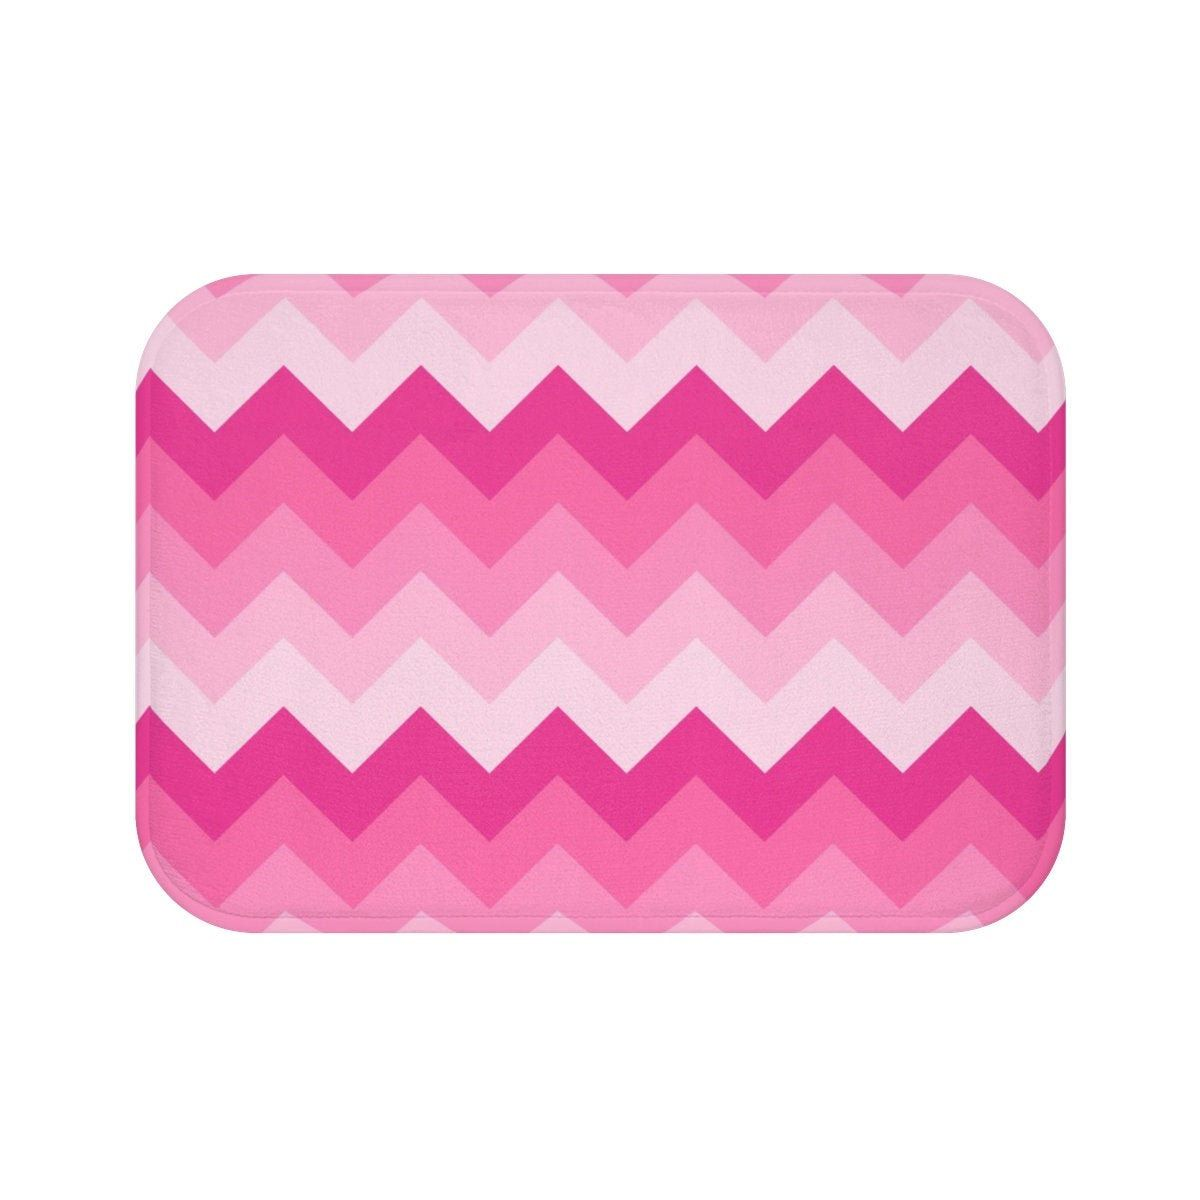 Pink Bath Mat Girls Memory Foam Bathroom Bathtub Shower Decor